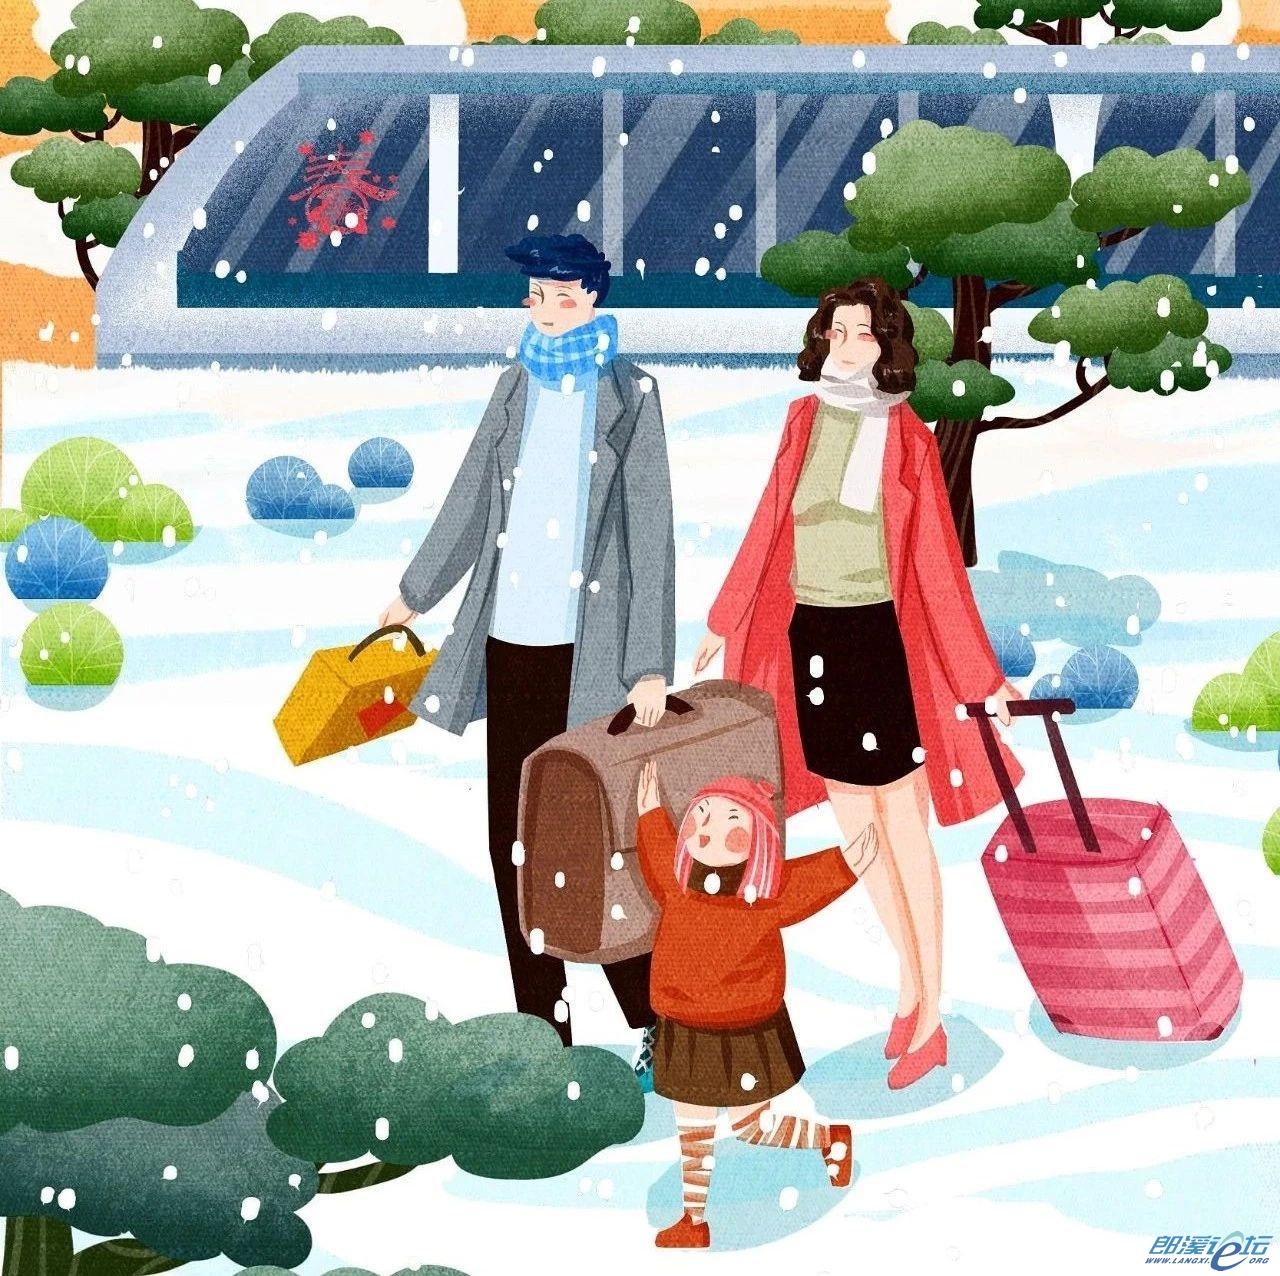 【春节长线】春节国内旅行地推荐,一定有你要去的~